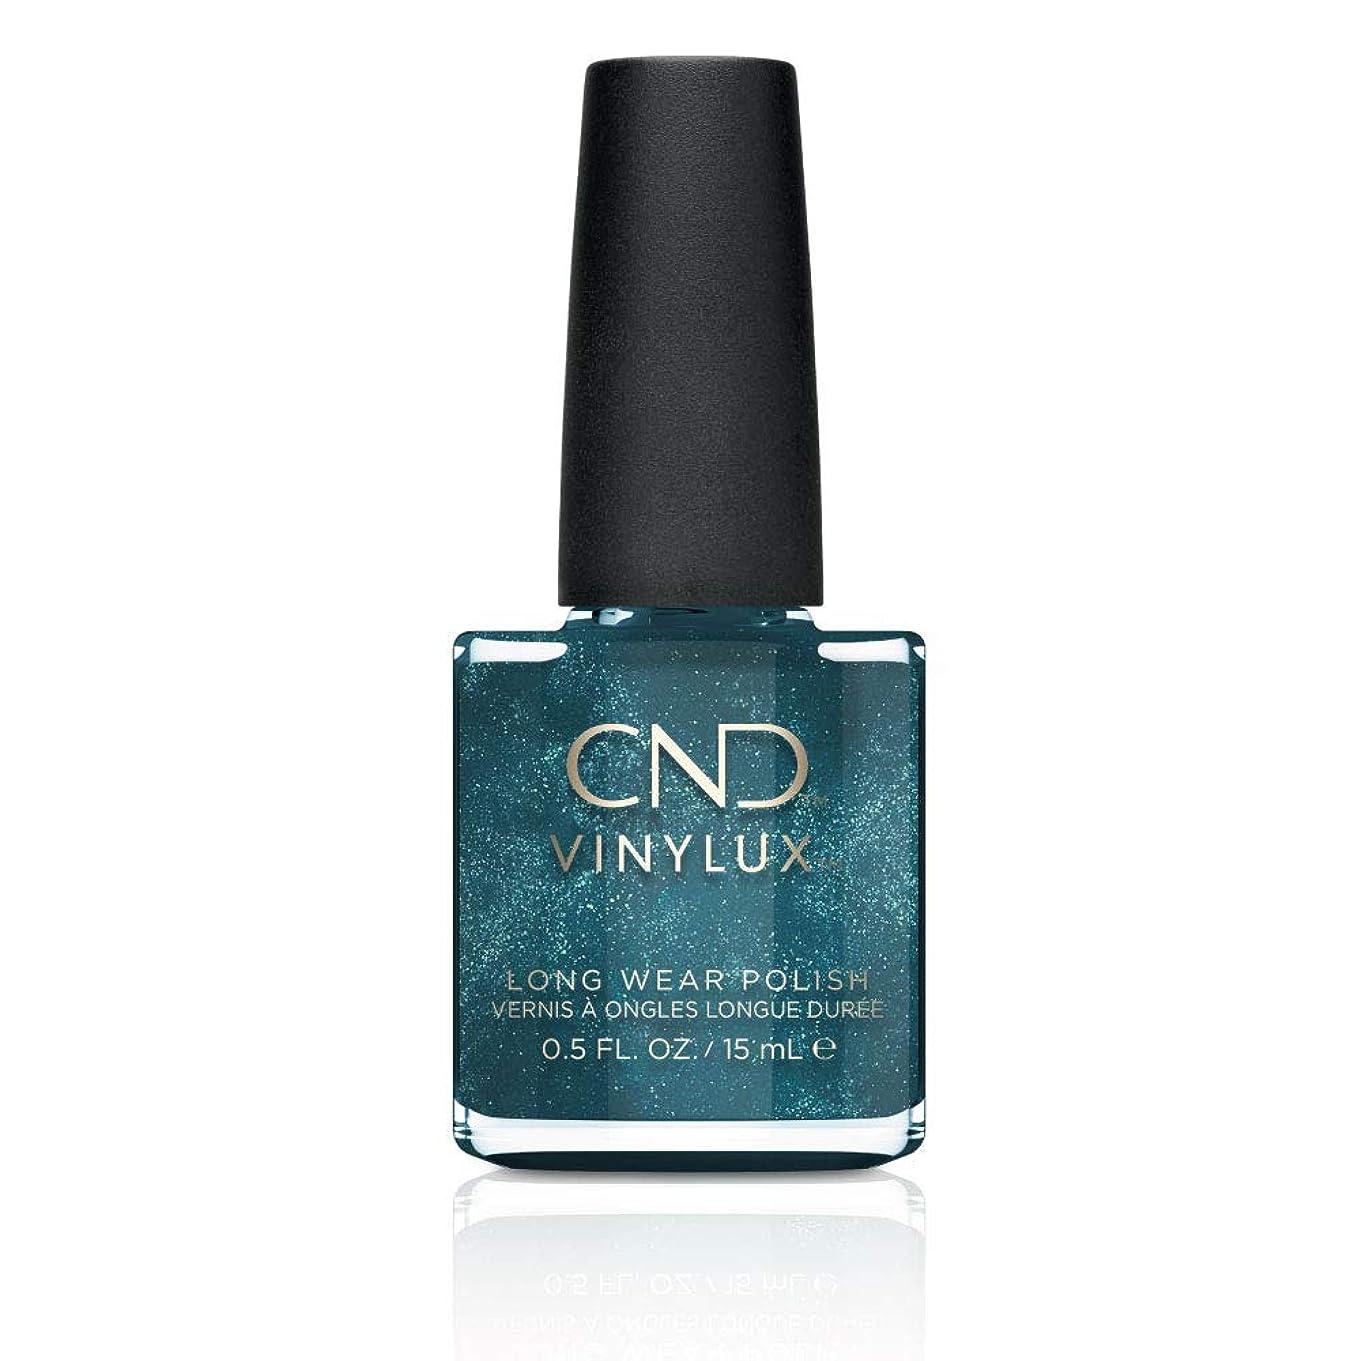 実業家受信課すCND Vinylux Nail Polish - Fern Flannel - 0.5oz / 15ml